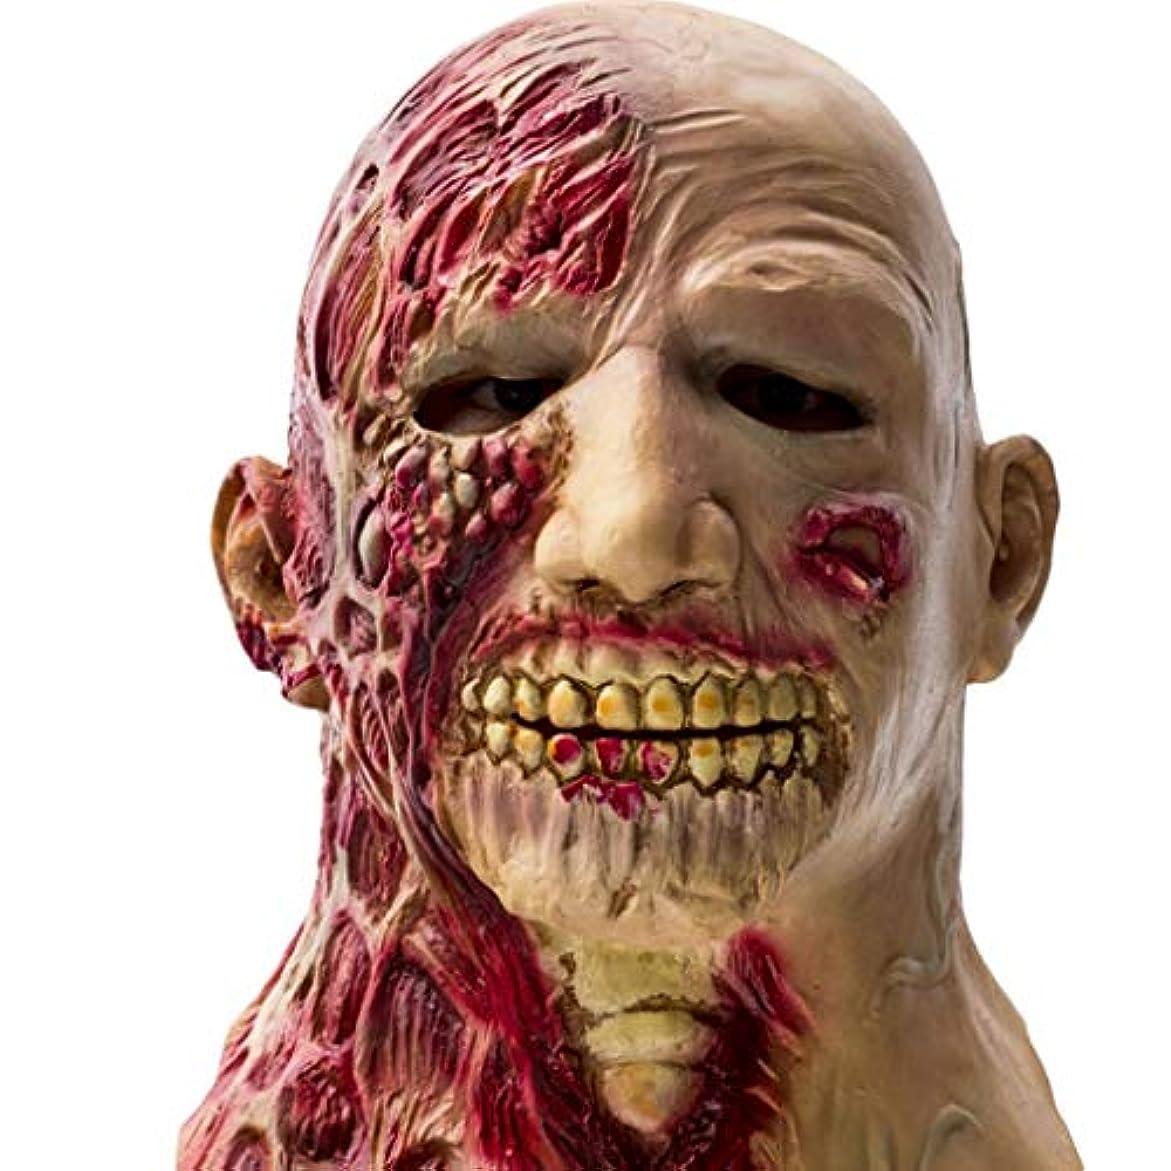 ボードモネ輝くハロウィン大人のラテックスホラーマスクしかめっ面マスクパーティーマスク怖い悪魔マスク映画小道具仮面舞踏会マスク